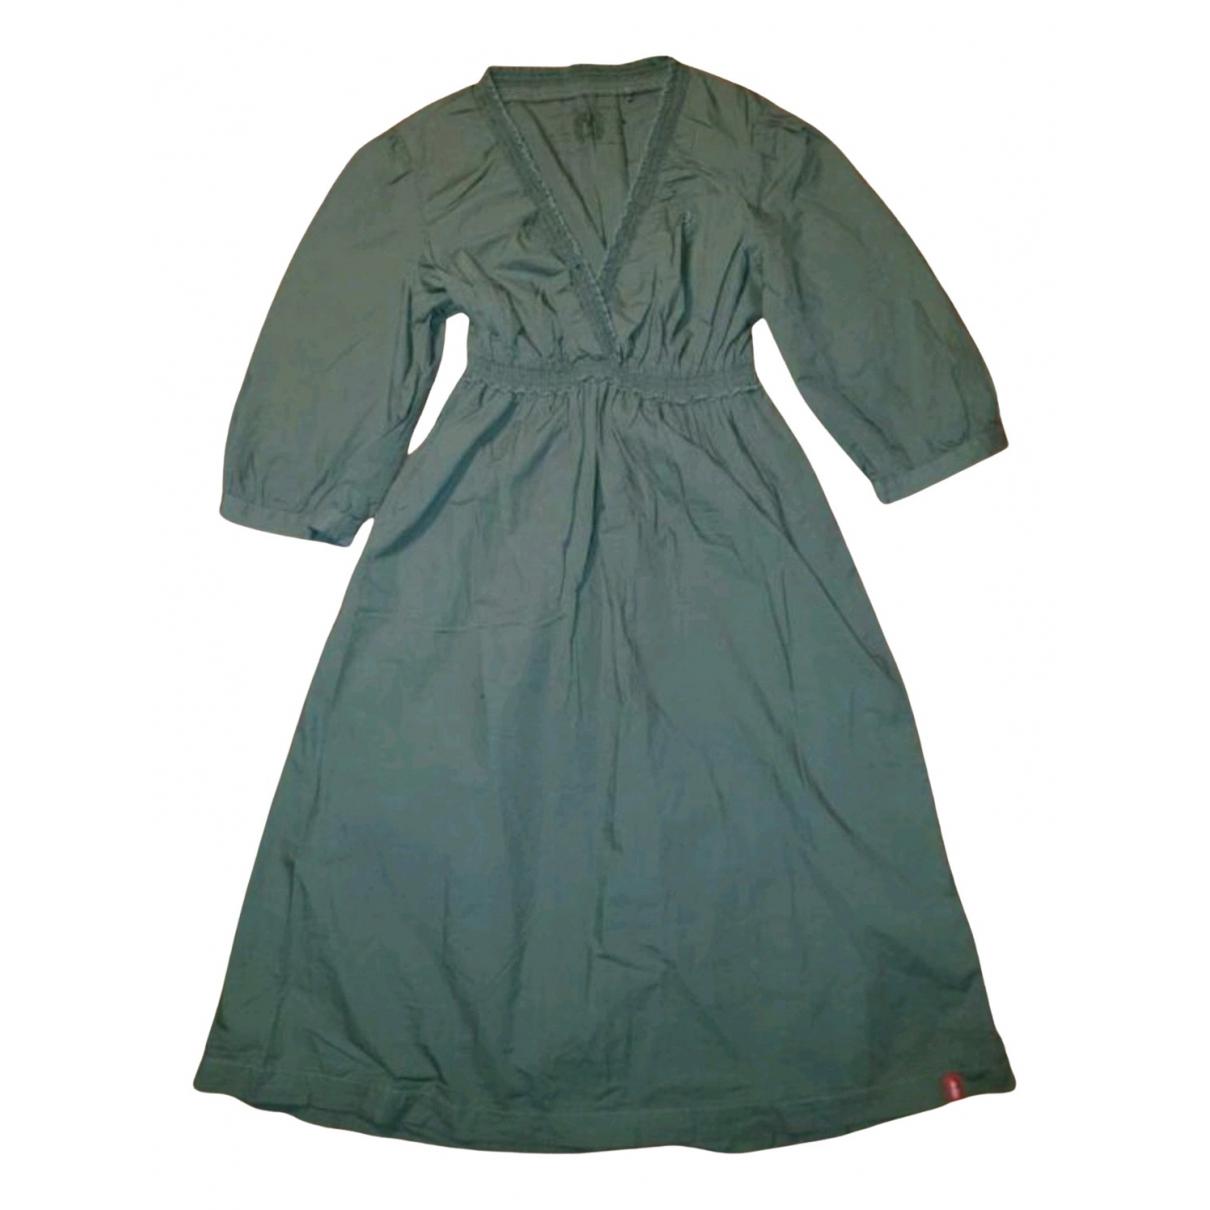 Esprit \N Kleid in  Khaki Baumwolle